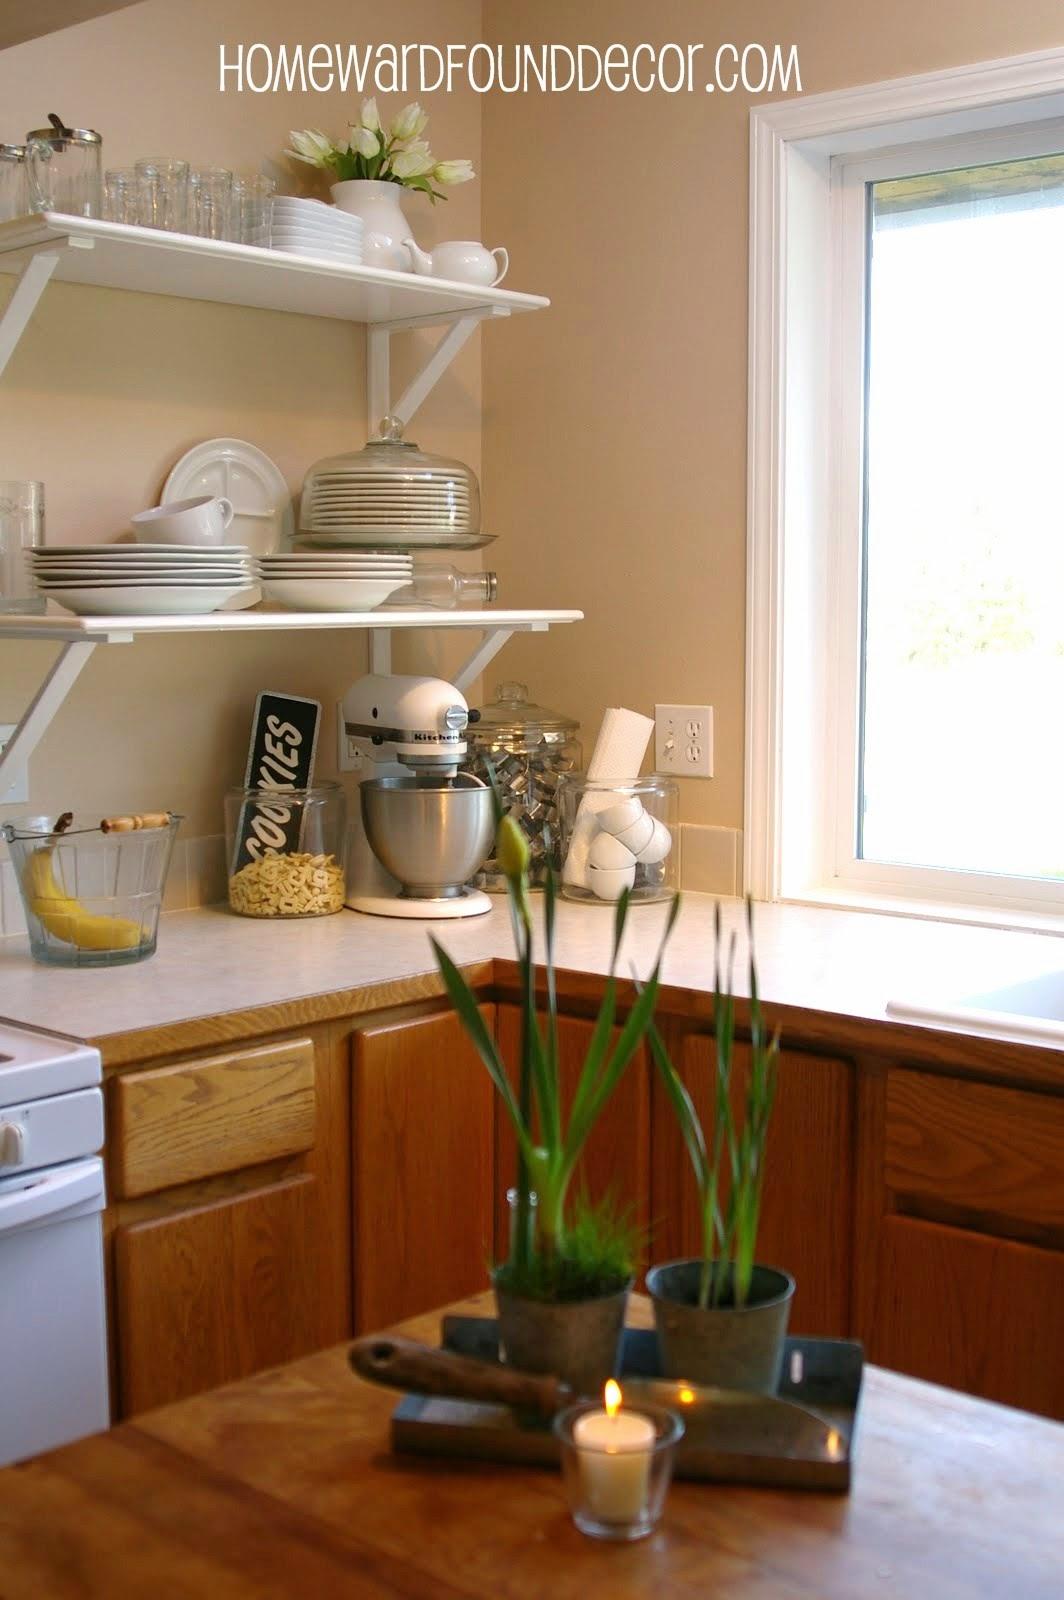 Diy Kitchen Cabinet To Shelf Makeover Homewardfound Decor